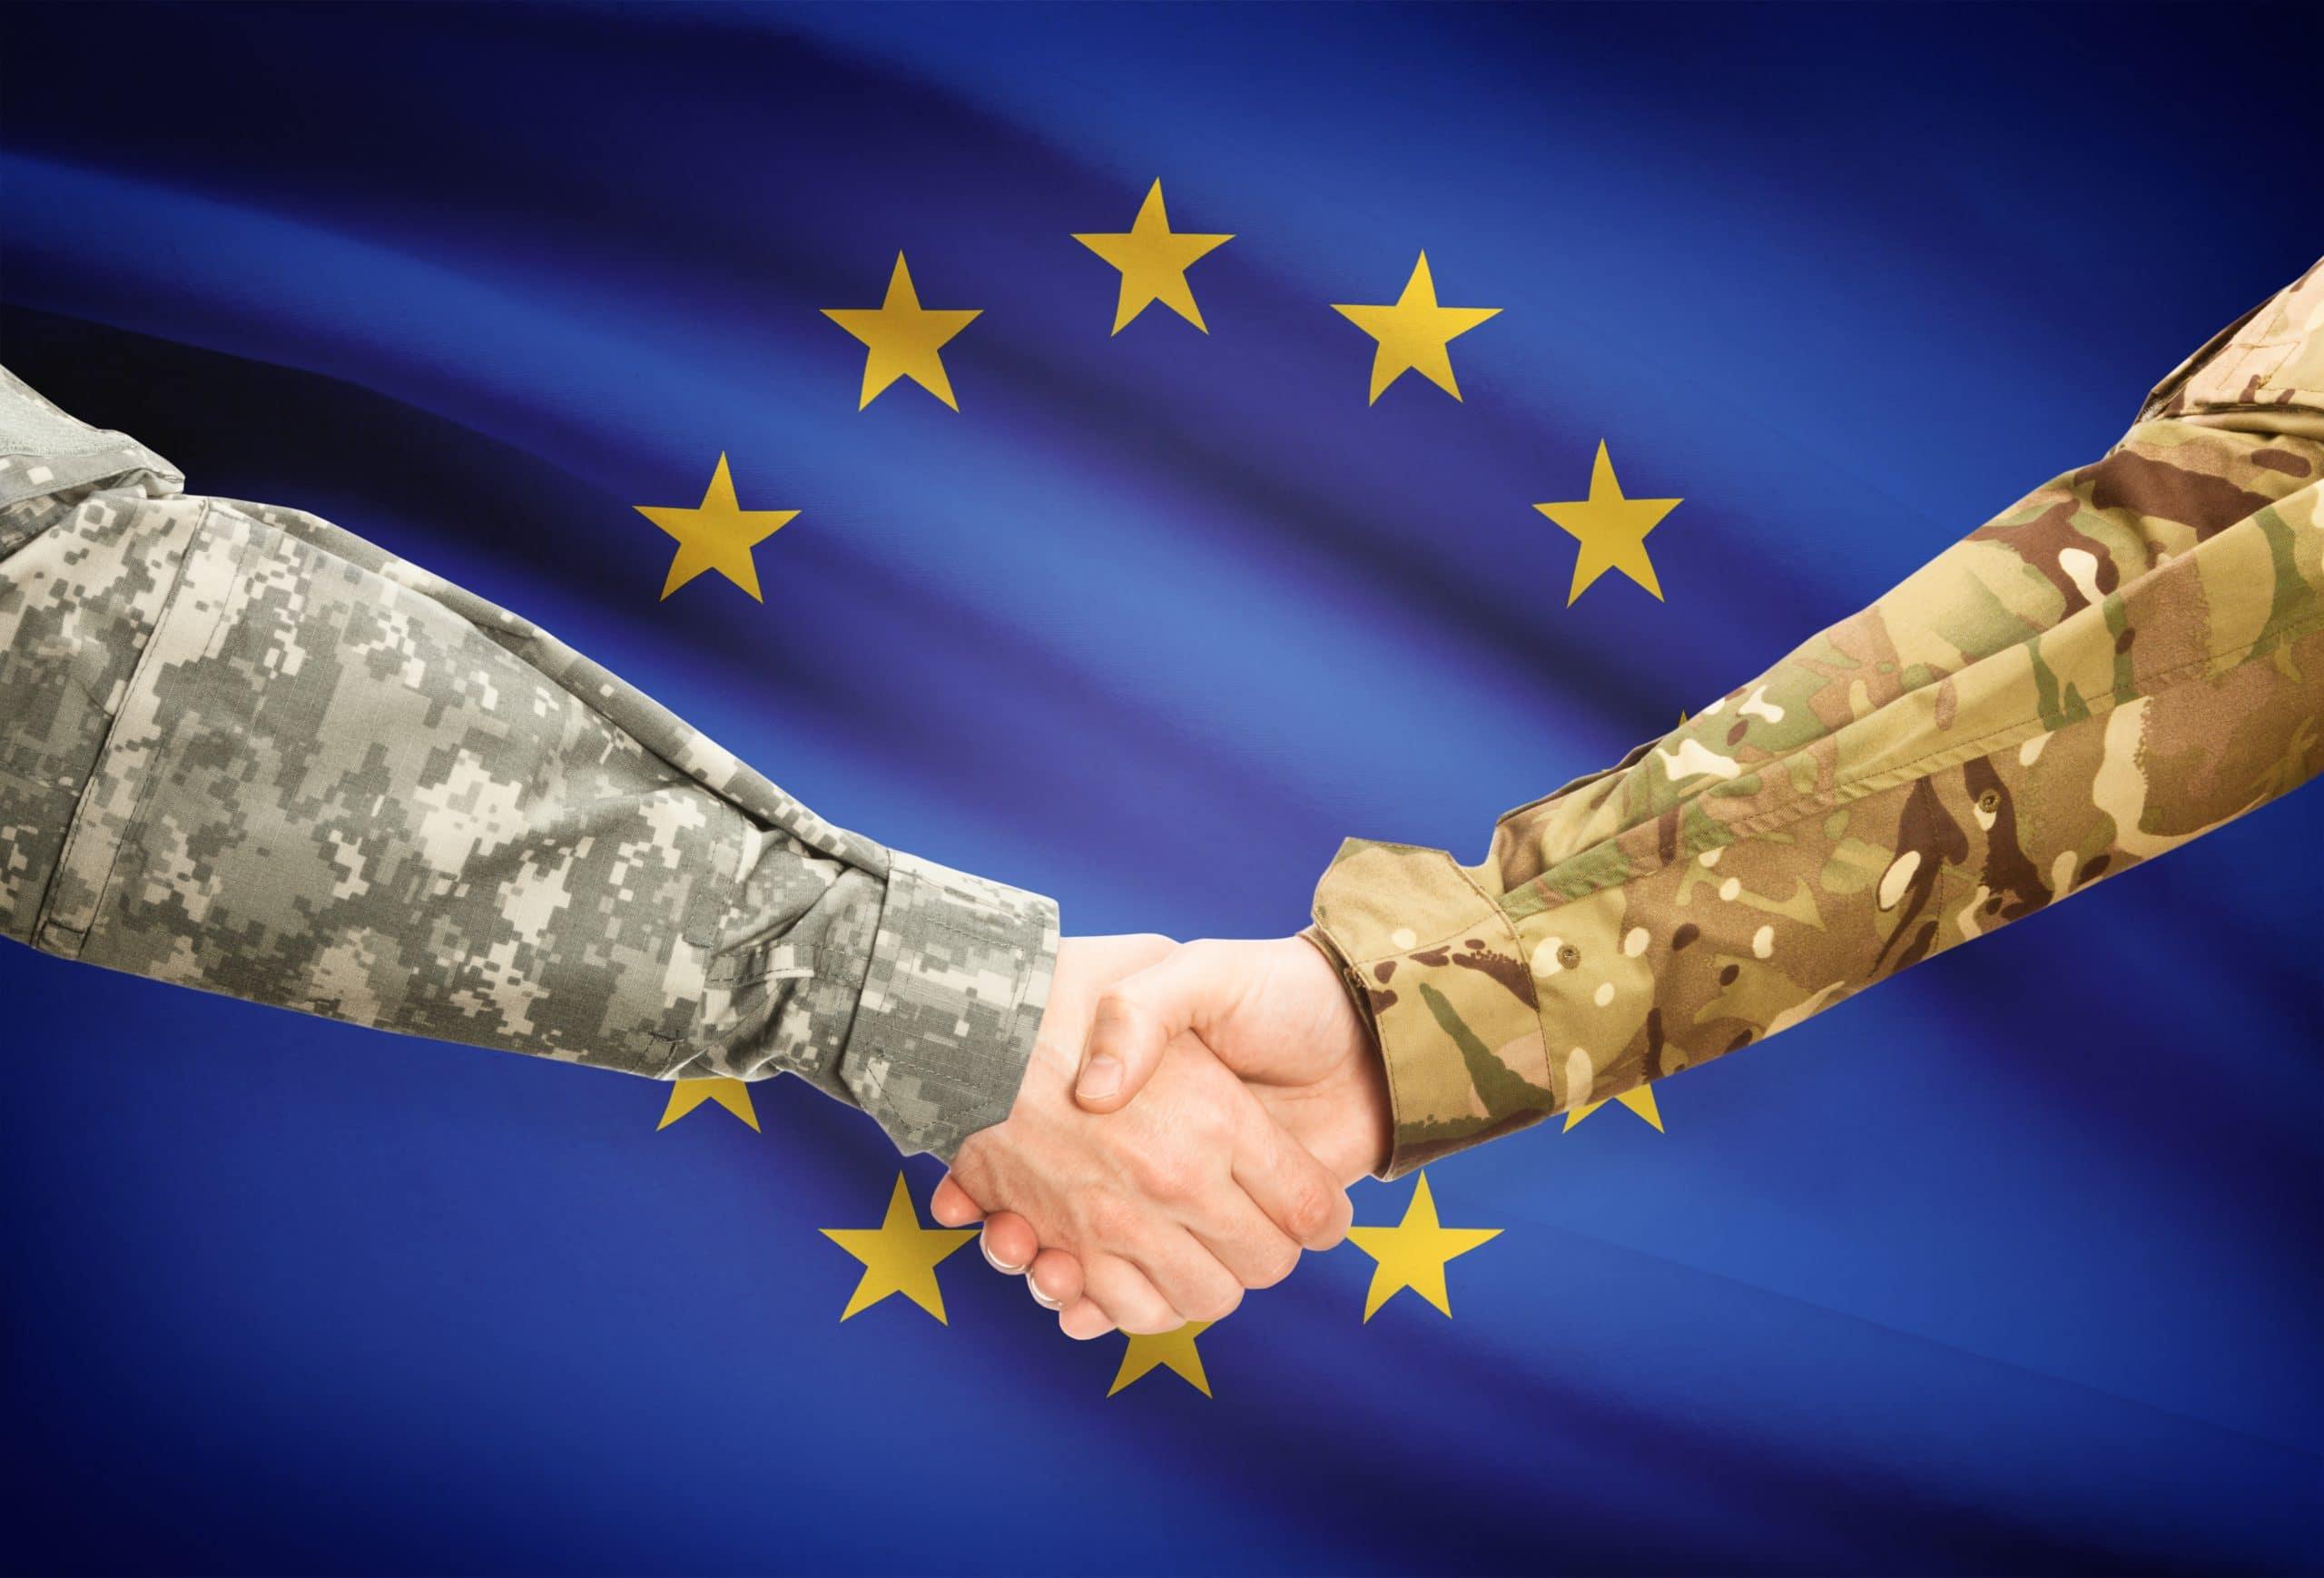 Στρατηγός Κωσταράκος: Χρειαζόμαστε μια ισχυρότερη γεωπολιτικά Ευρώπη, με στρατηγική αυτονομία, στρατηγική κουλτούρα και στρατηγική πυξίδα